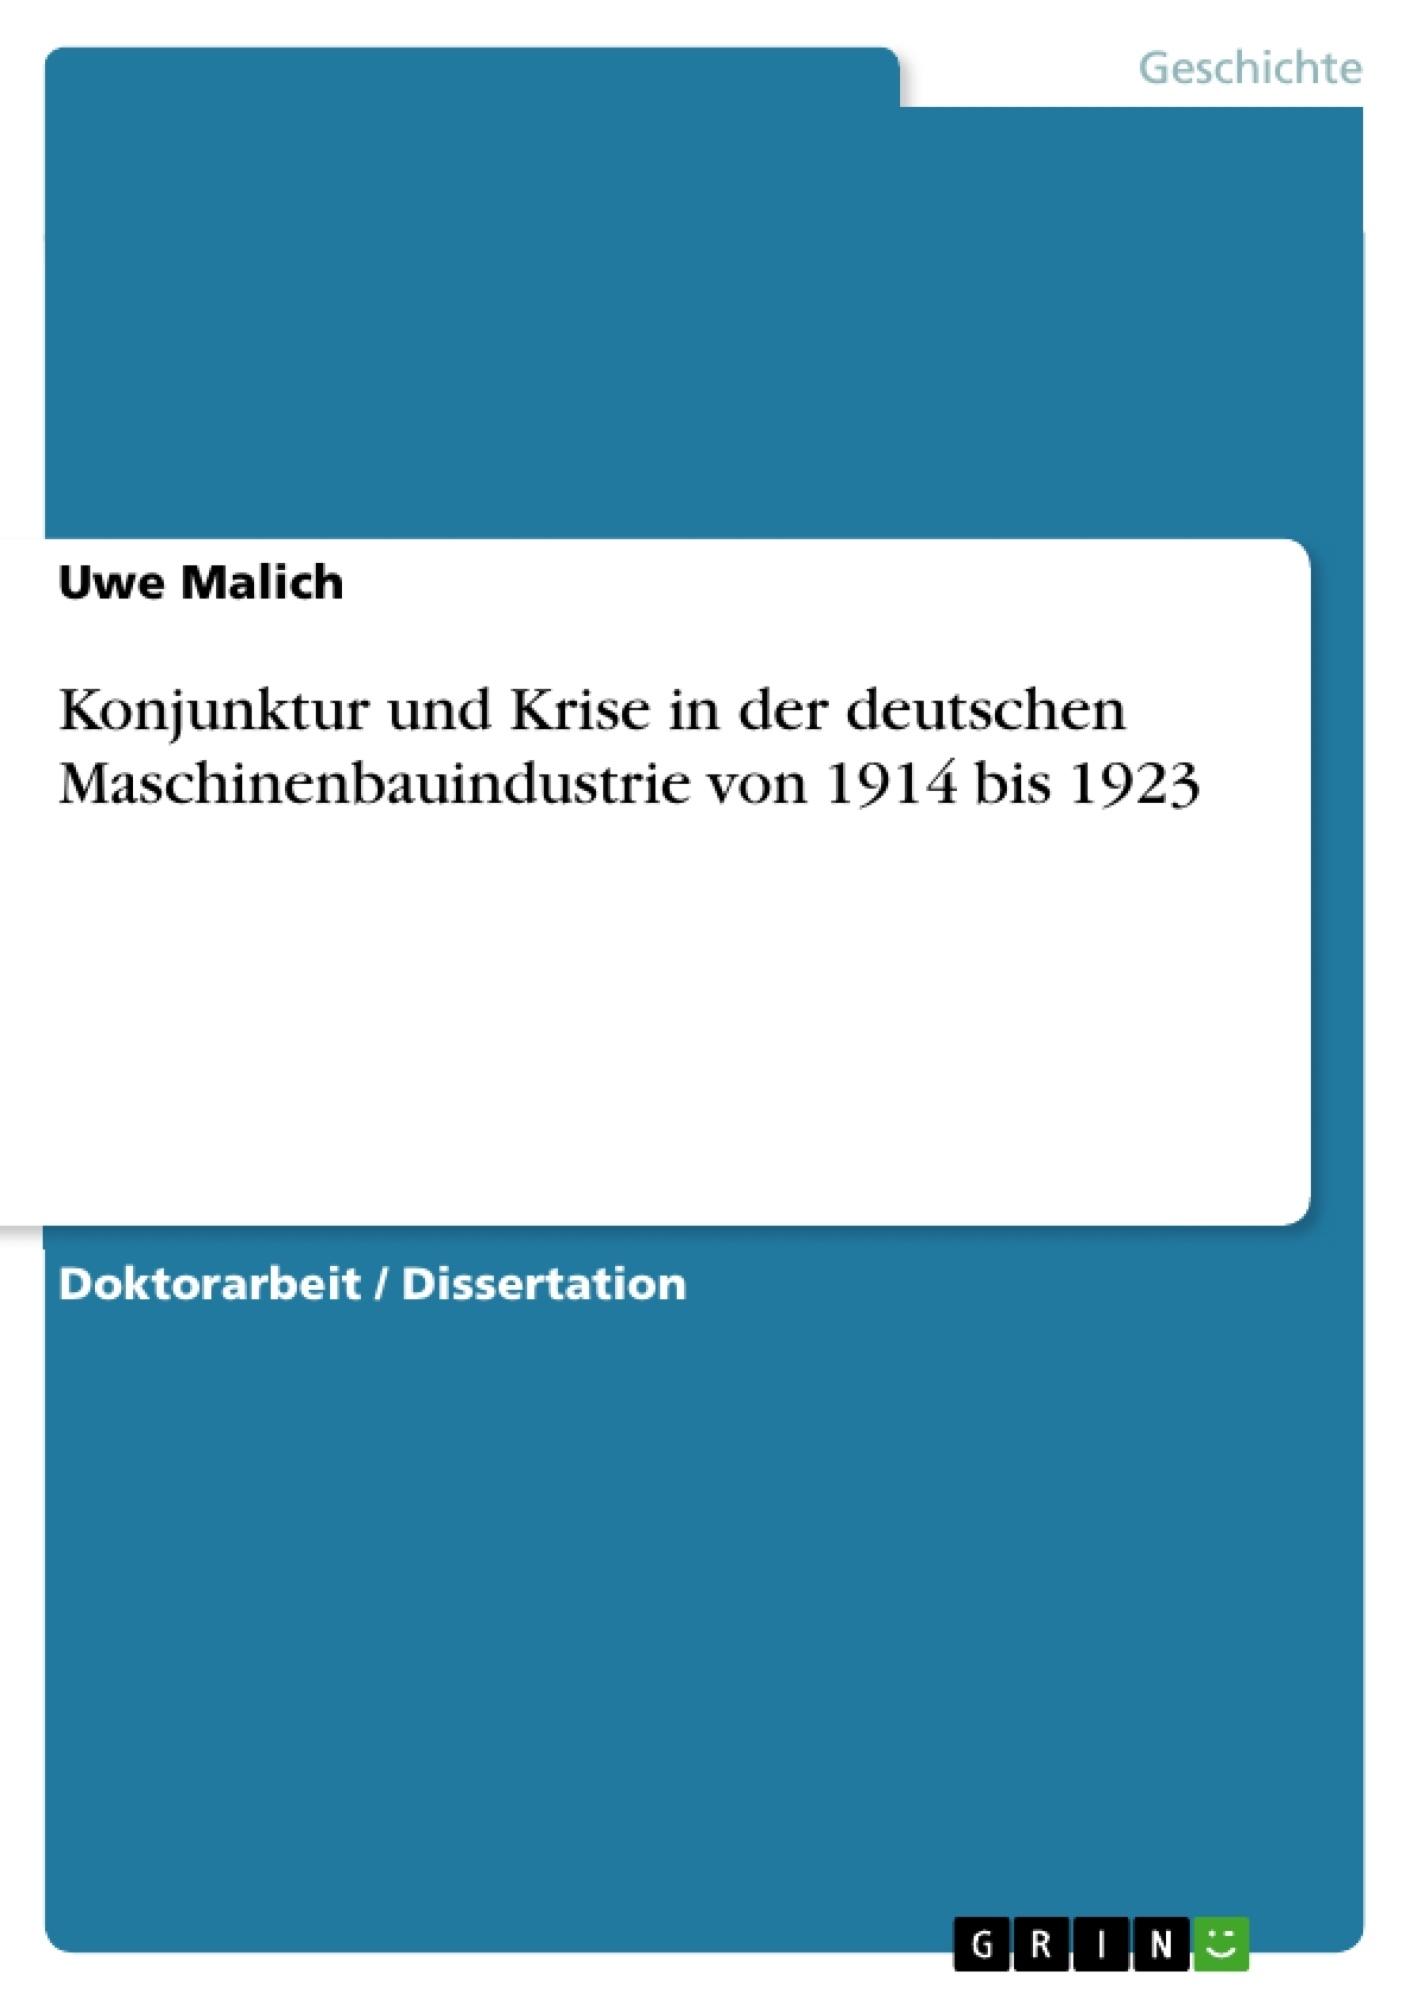 Titel: Konjunktur und Krise in der deutschen Maschinenbauindustrie von 1914 bis 1923